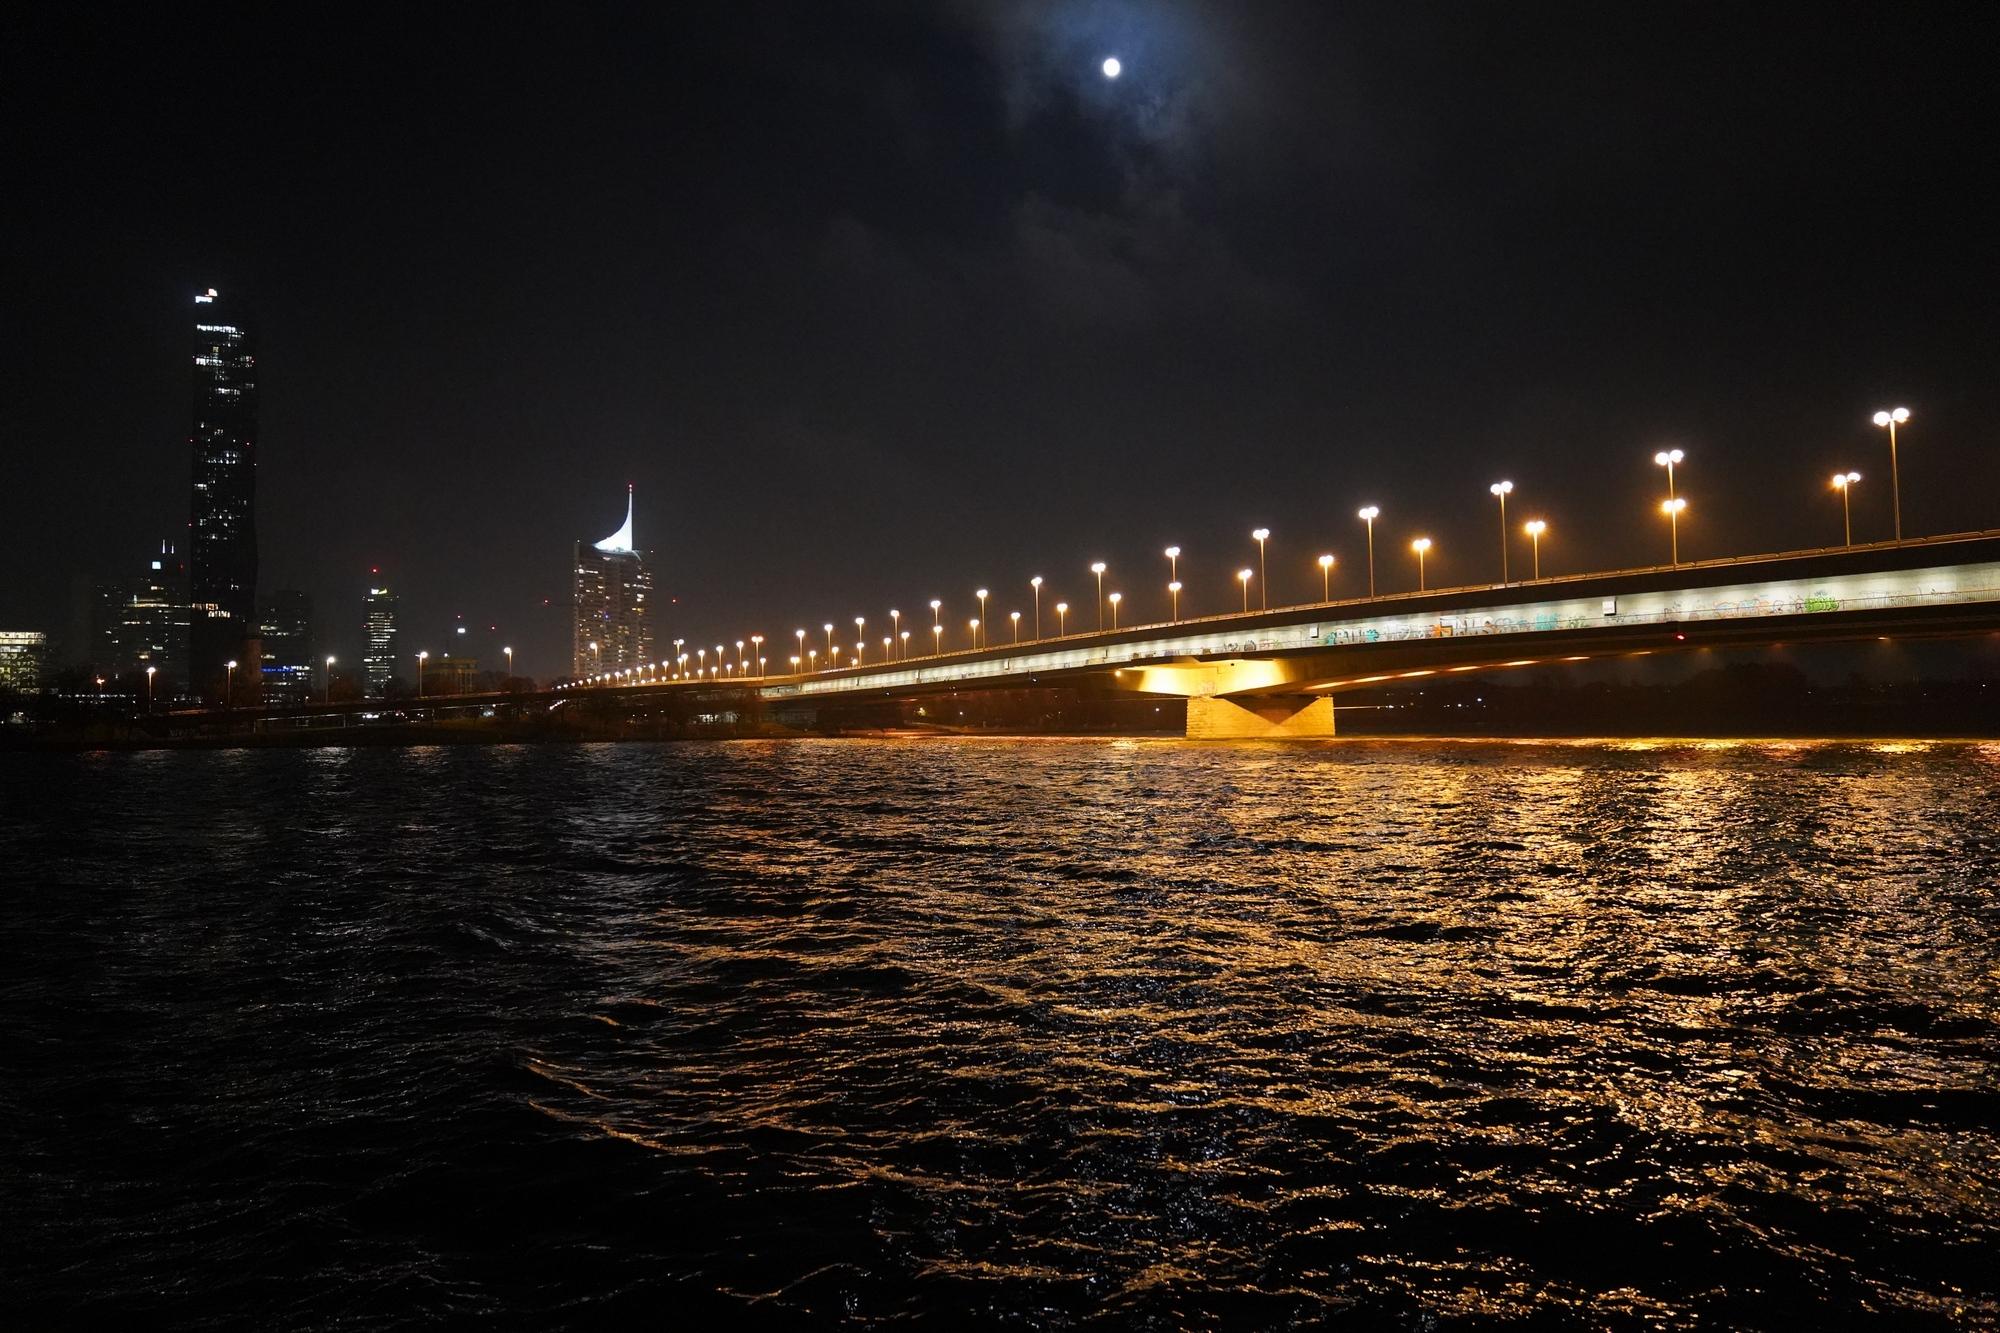 Reichsbrücke  - Puente sobre el Danubio  ( 2  Carriles del Metro,  6 Carriles de Carros , 2 vias de ciclismo )